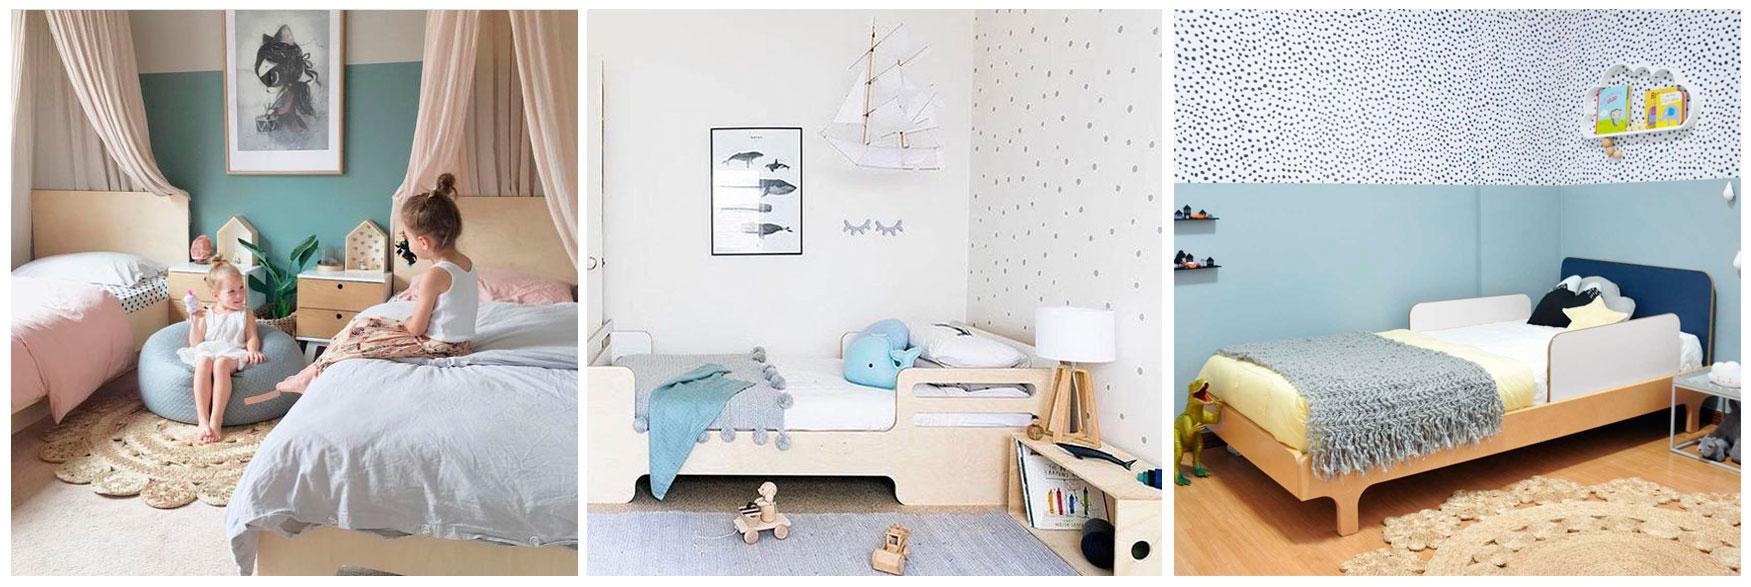 Como escolher cama infantil para criança - medidas cama infantil